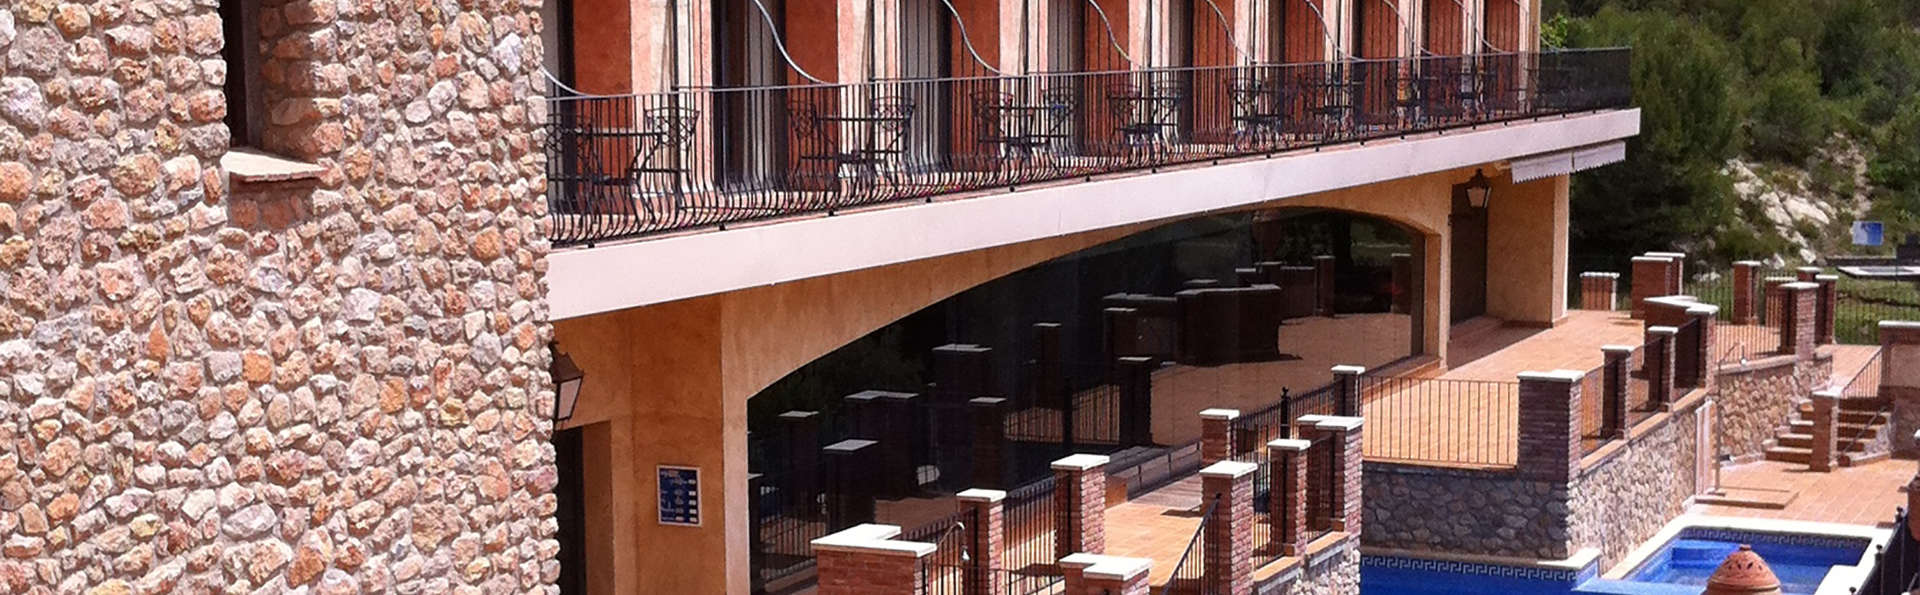 Figuerola Resort & Spa - EDIT_NEW_Pool2.jpg